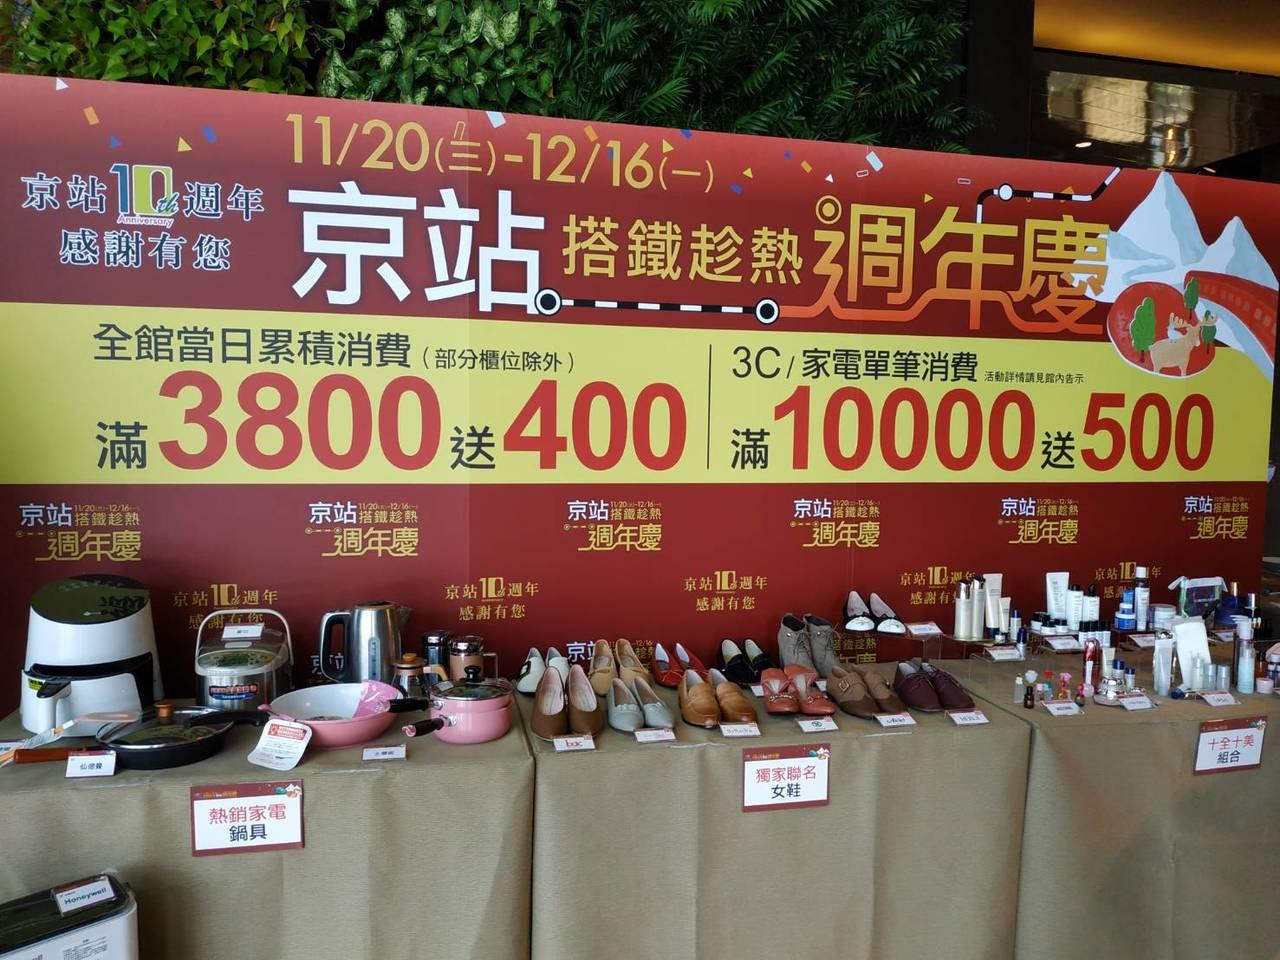 京站周年慶將於11月20日登場,祭出最高21%的回饋率,全館消費滿3800元就送...